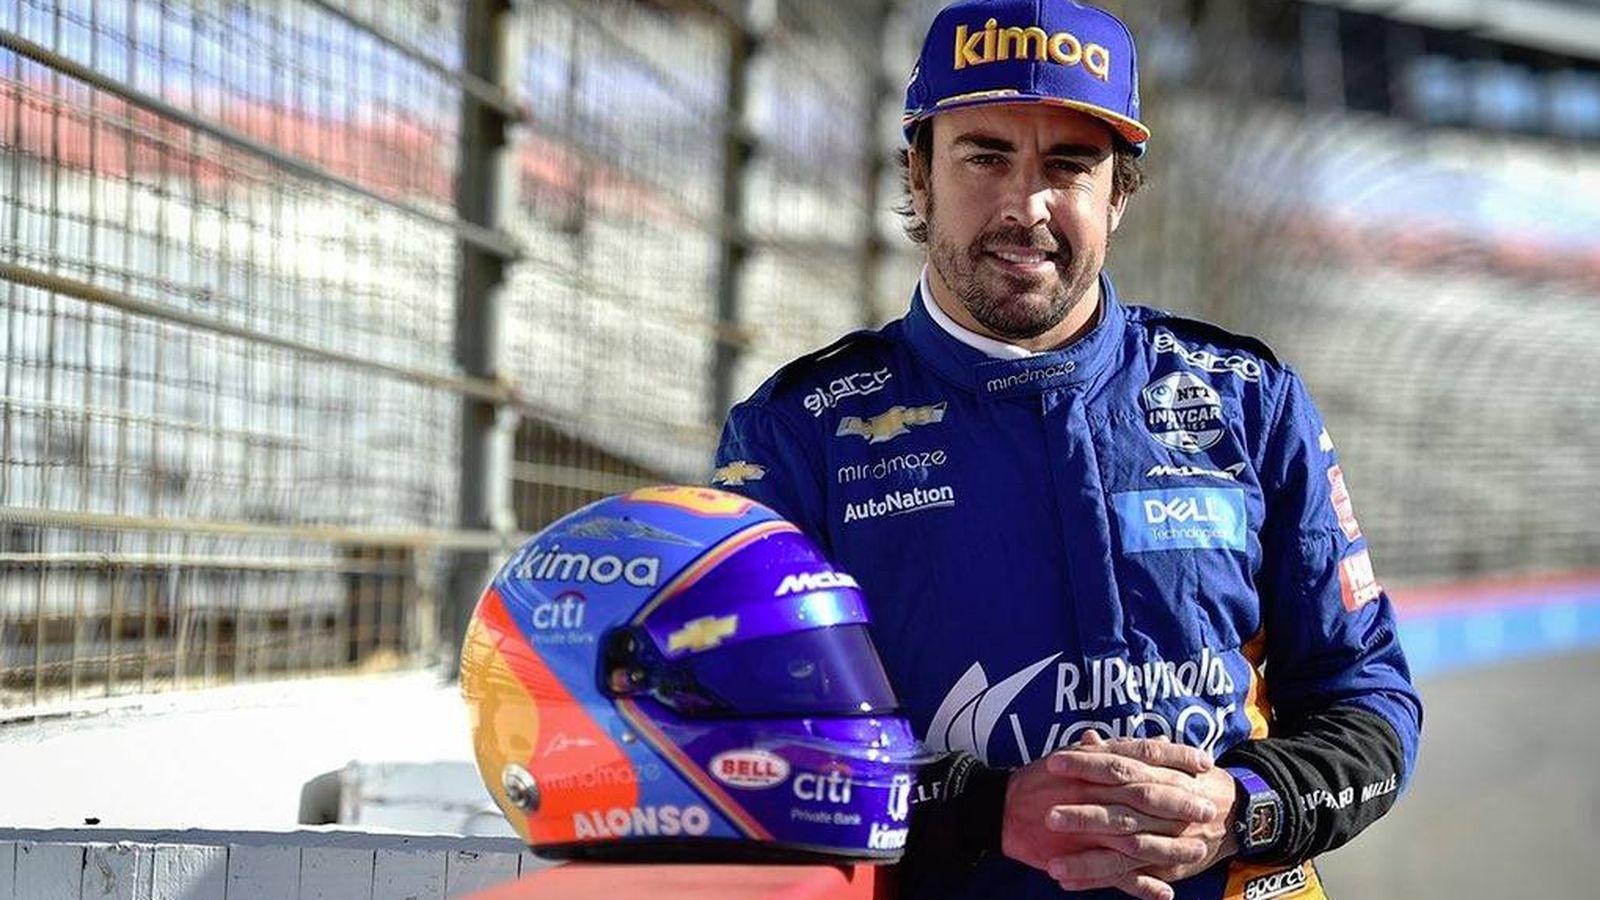 Foto: Fernando Alonso en el óvalo de Texas. (Foto: McLaren Indy)